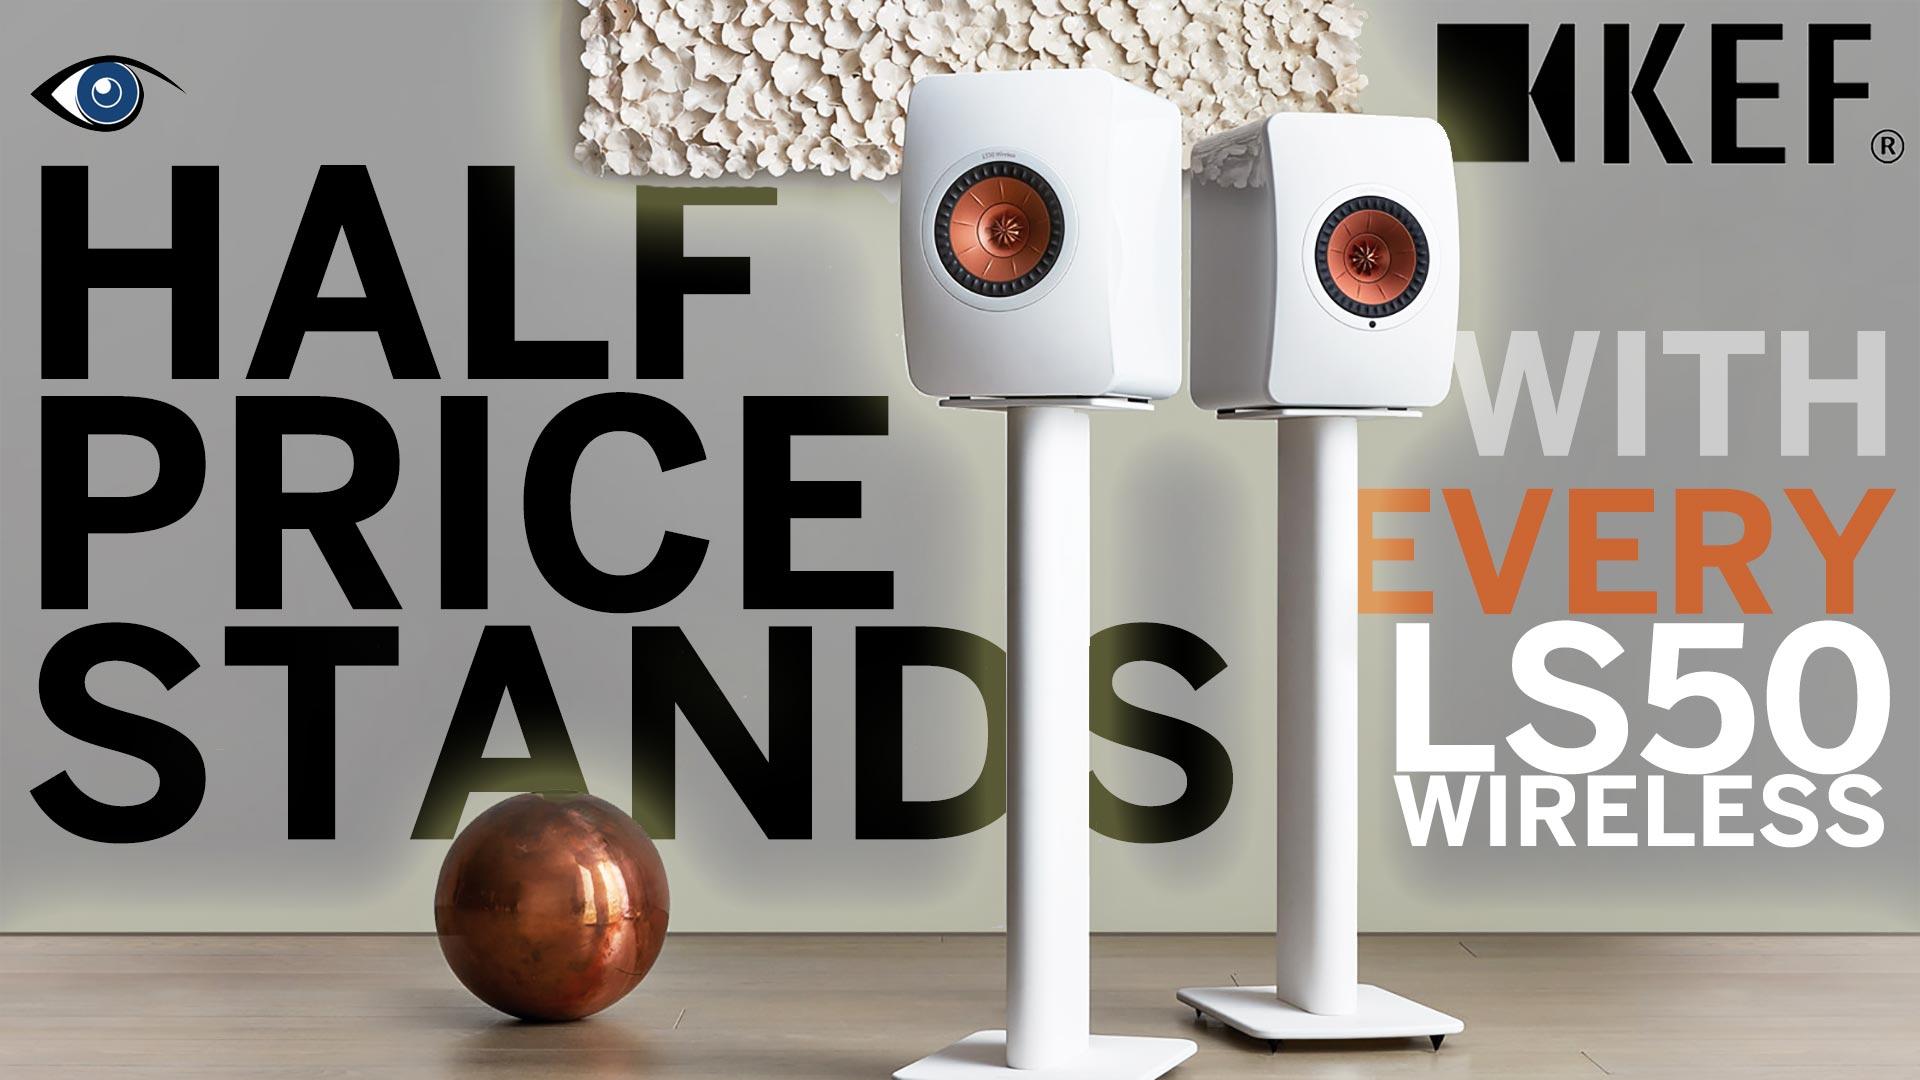 Get 50% Off KEF Performance Stands | Unilet Sound & Vision